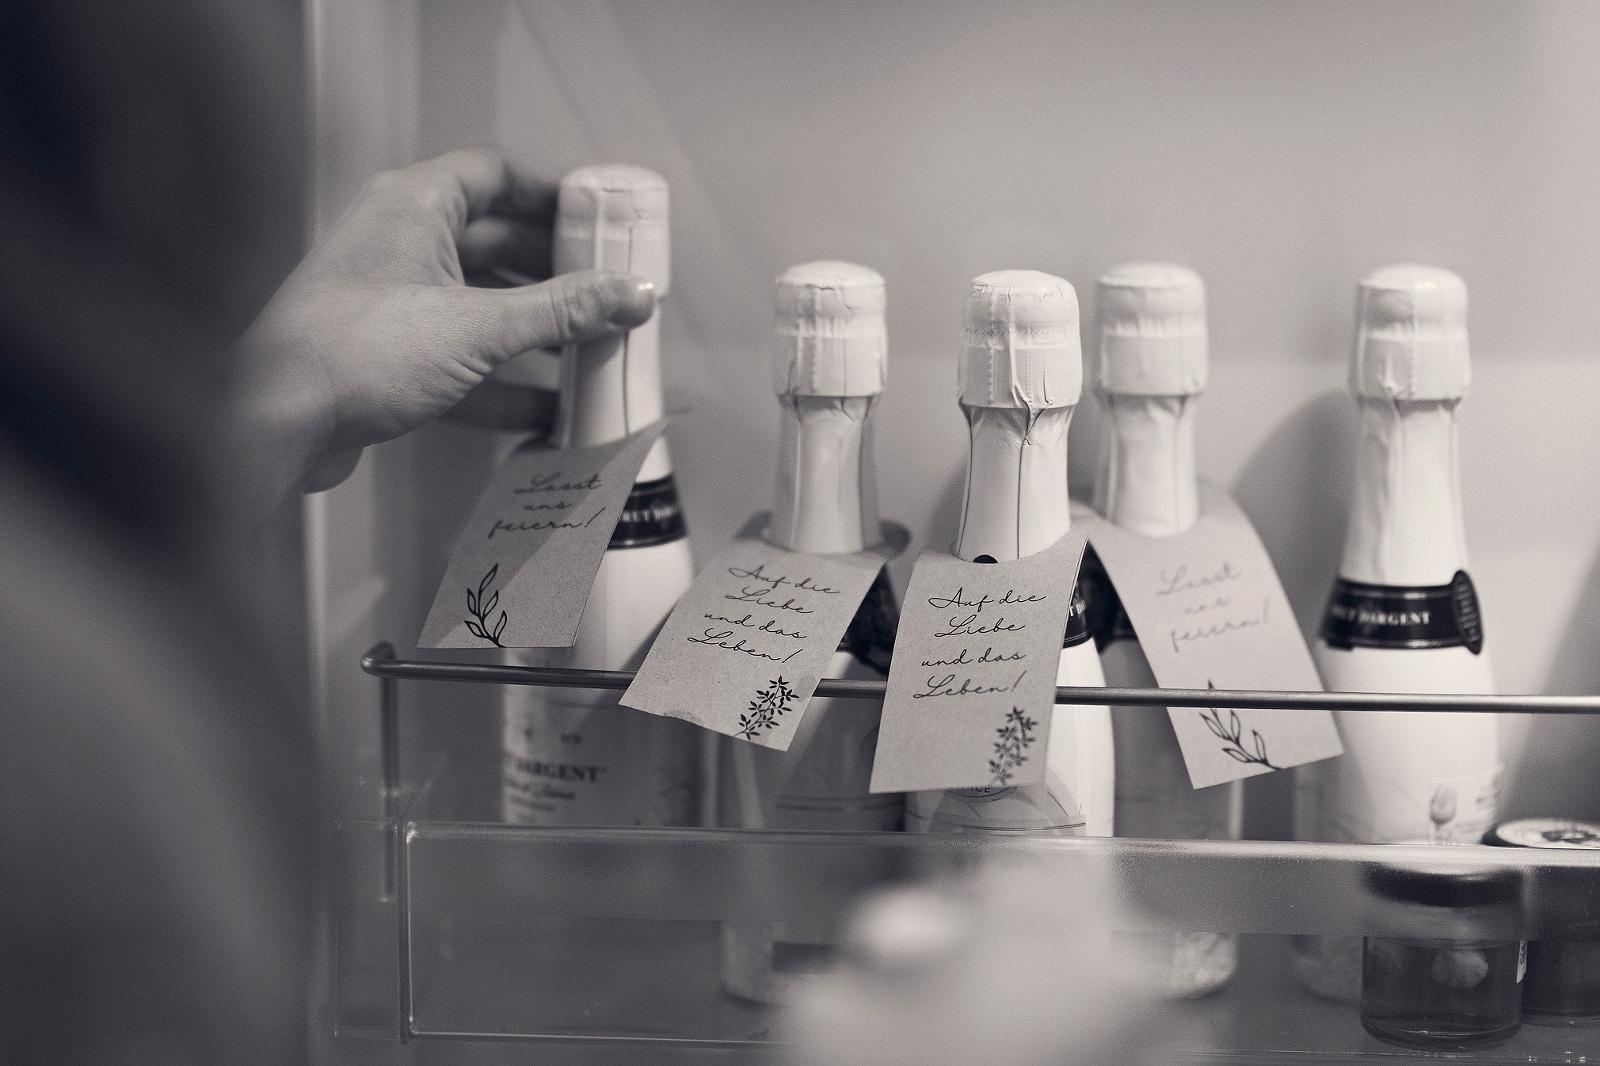 moderne hochzeitsfotografie in frankfurt am main getting ready braut kleine sektflaschen auf die liebe